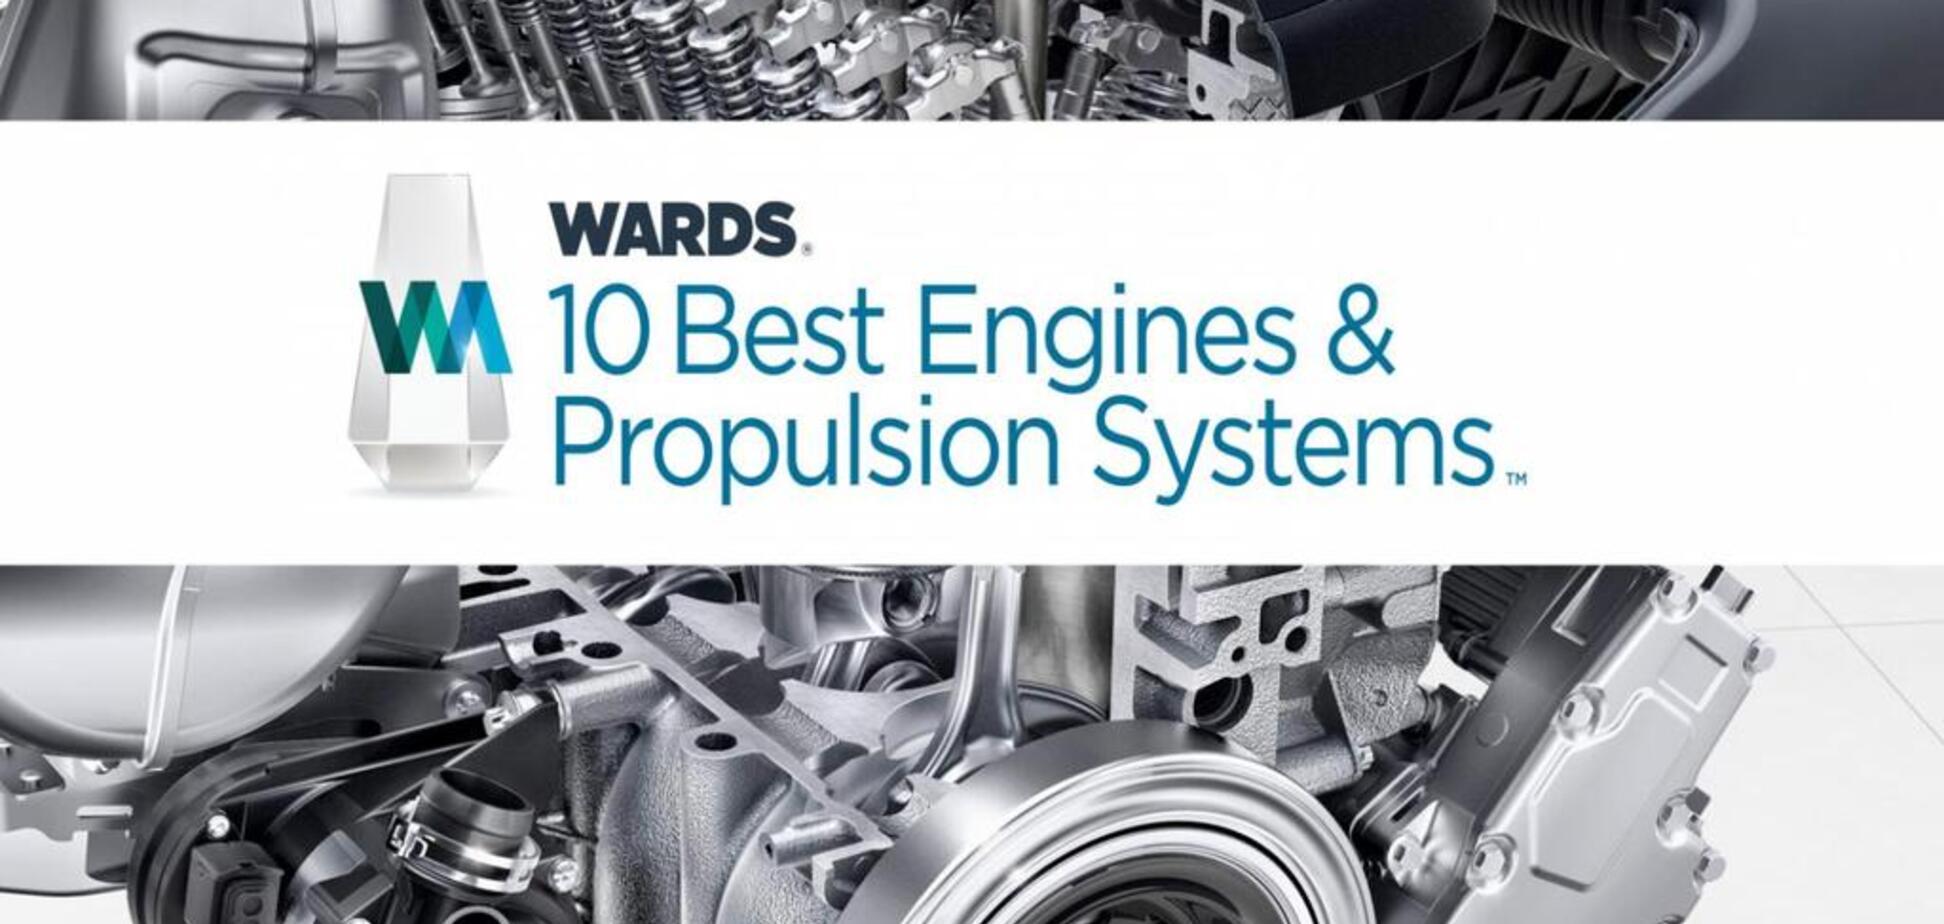 Топ-10 лучших автомобильных двигателей 2019 года: все подробности